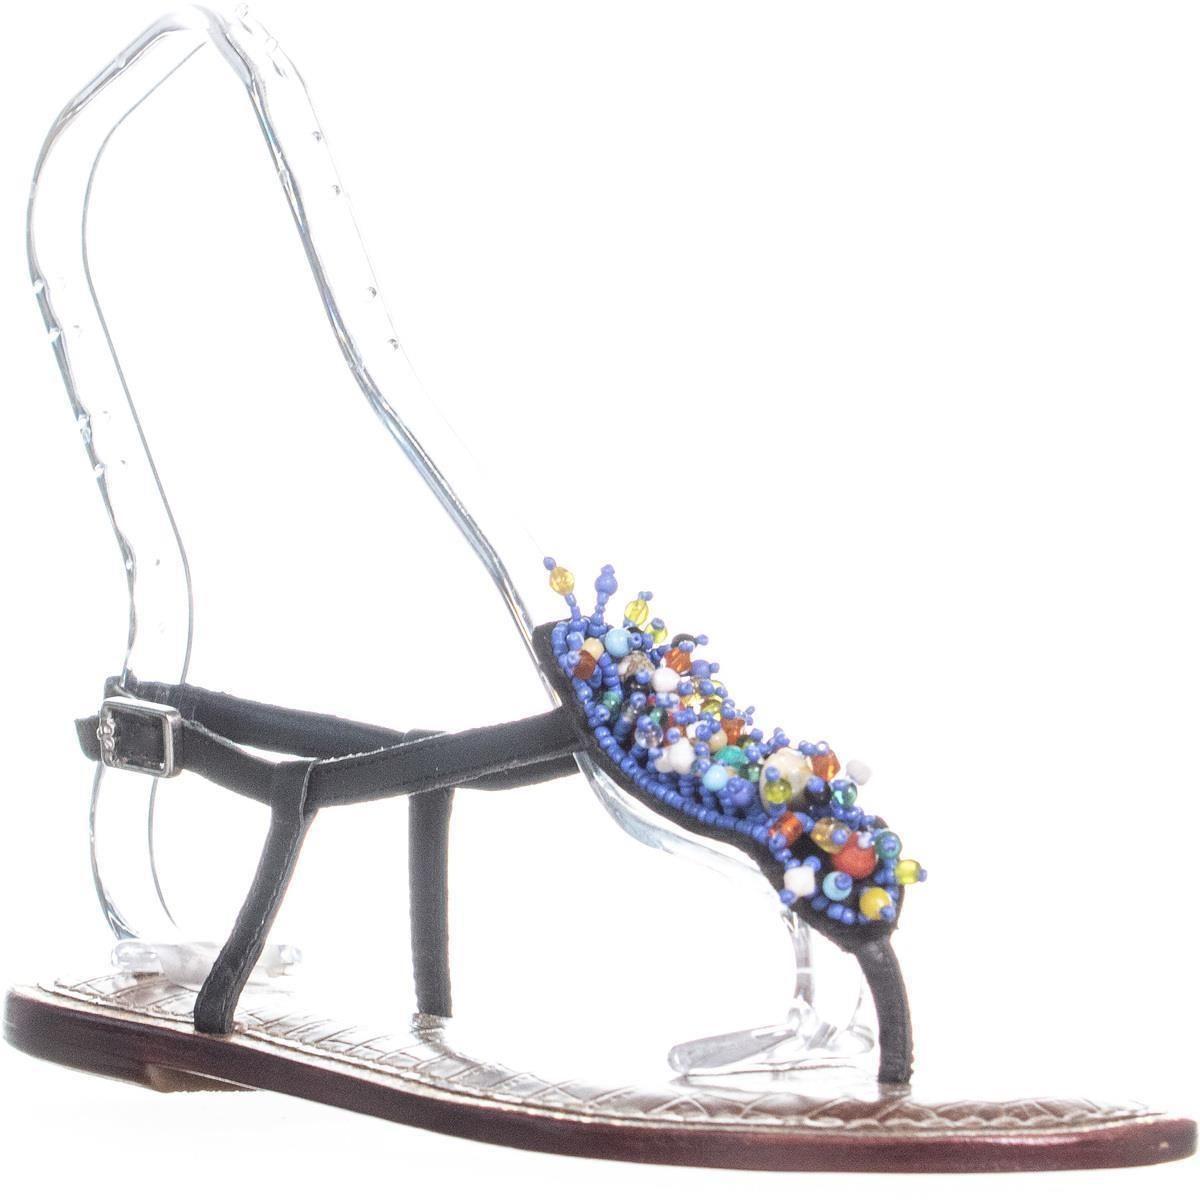 5c931ebb1355 Sam Edelman Gabrielle Seashell Flat Sandals in Blue - Save 10% - Lyst